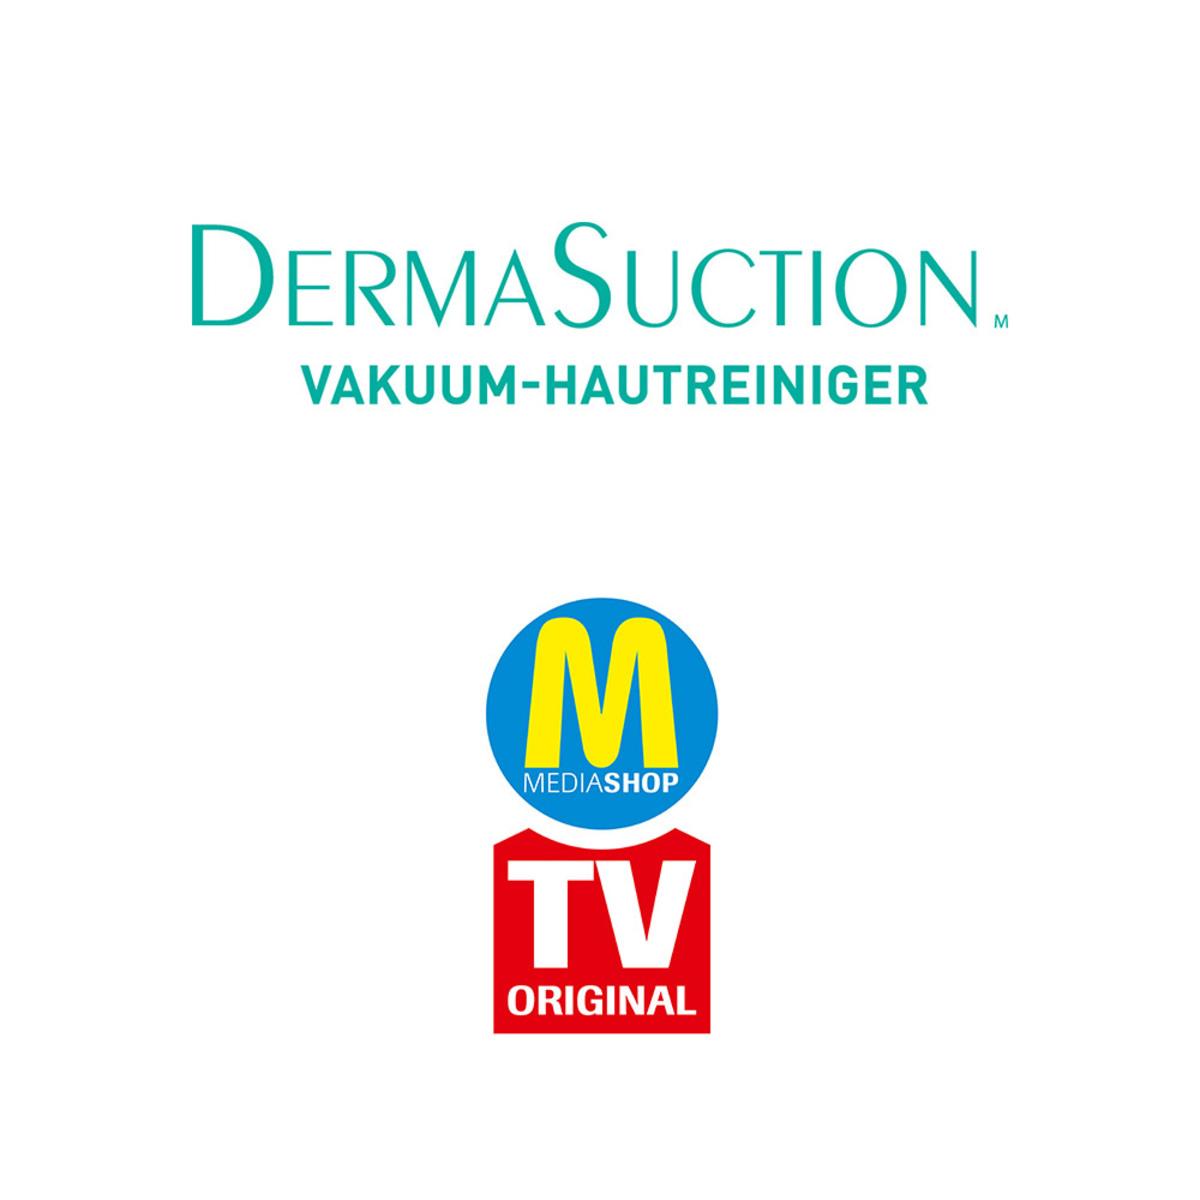 Bild 3 von Derma Suction Vakuum Hautreiniger, kabellos